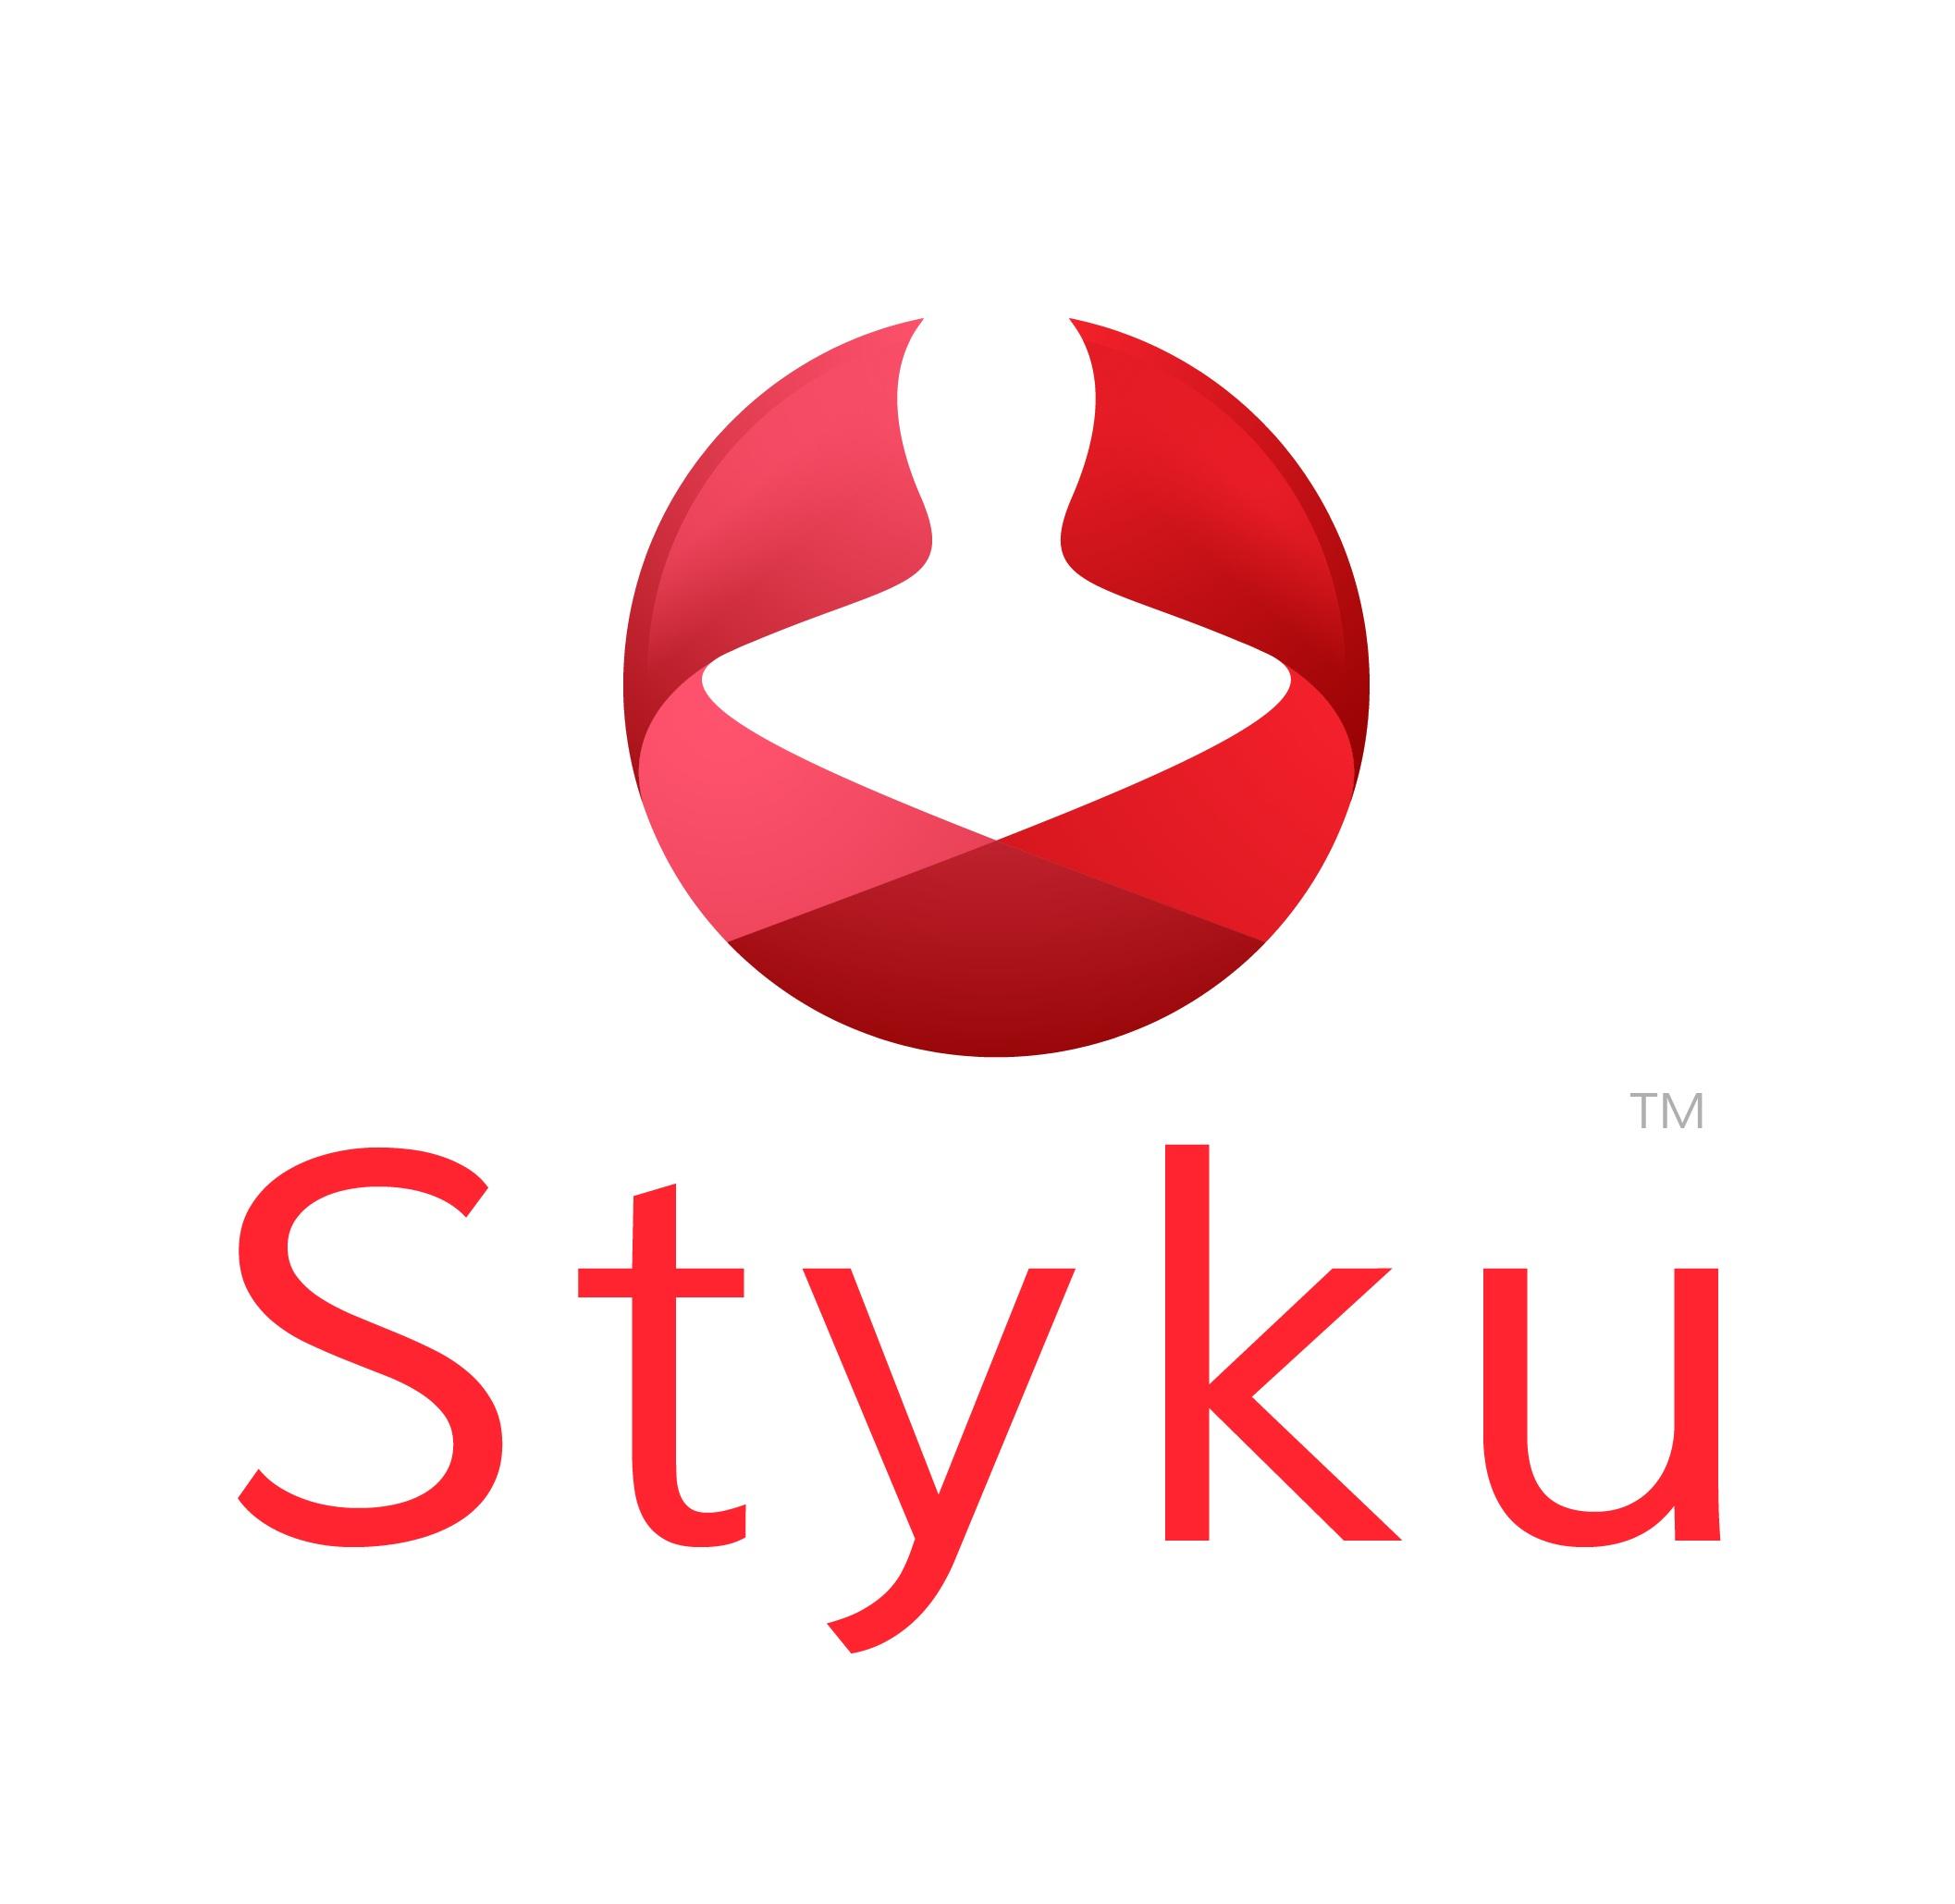 Styku_Logo_Q3_2015_vert_nosub.jpg